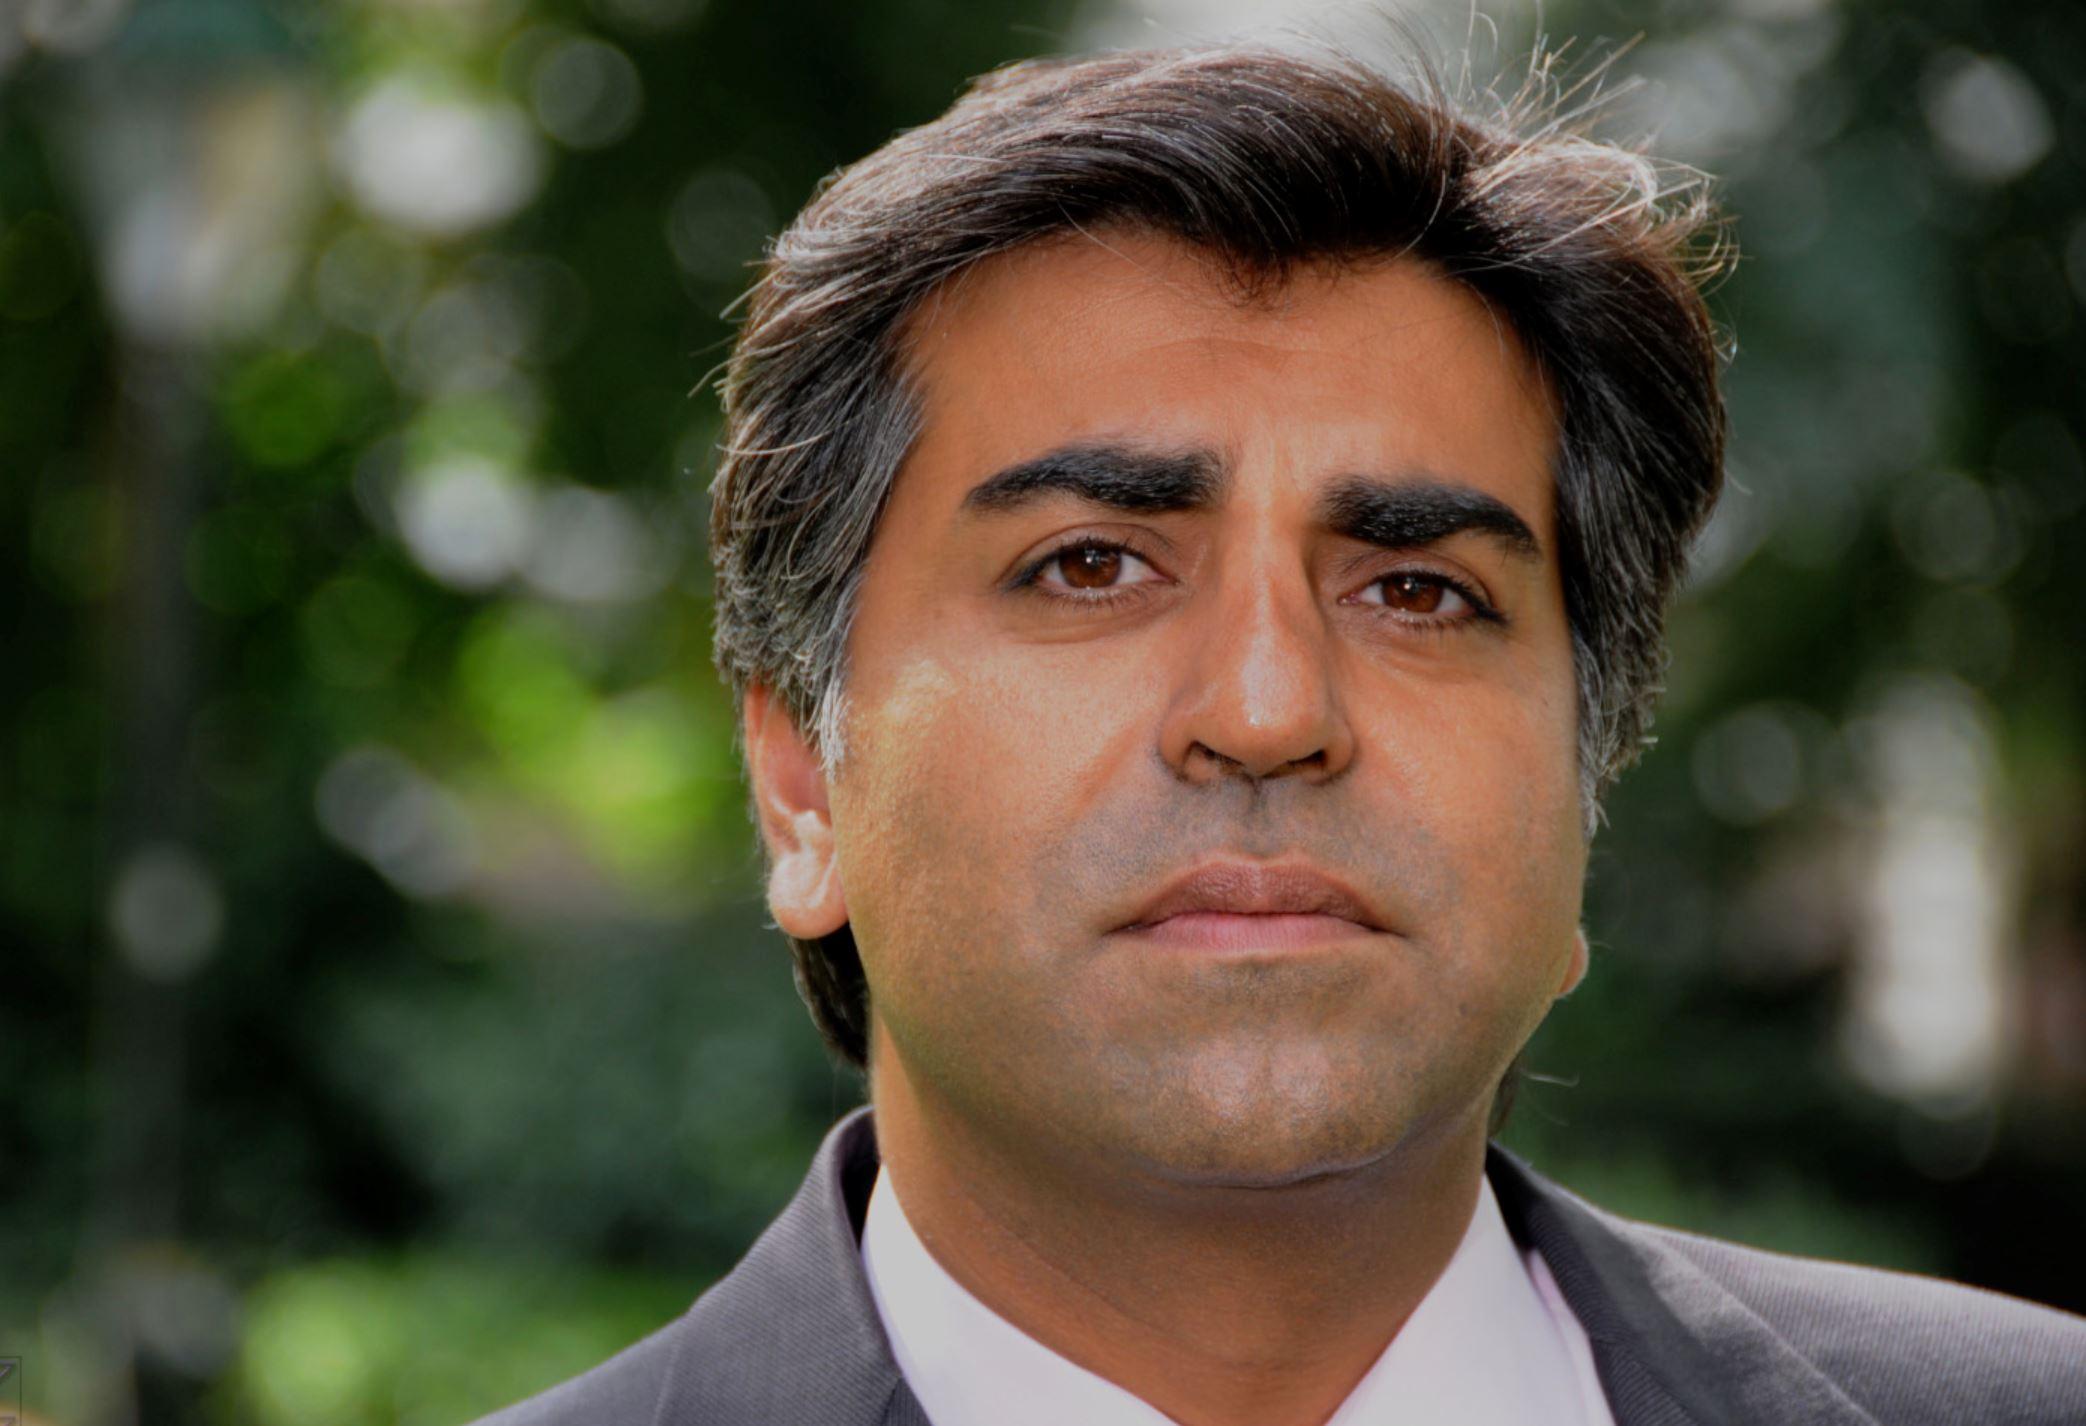 Sanjay Kakkar, Chief Executive Officer